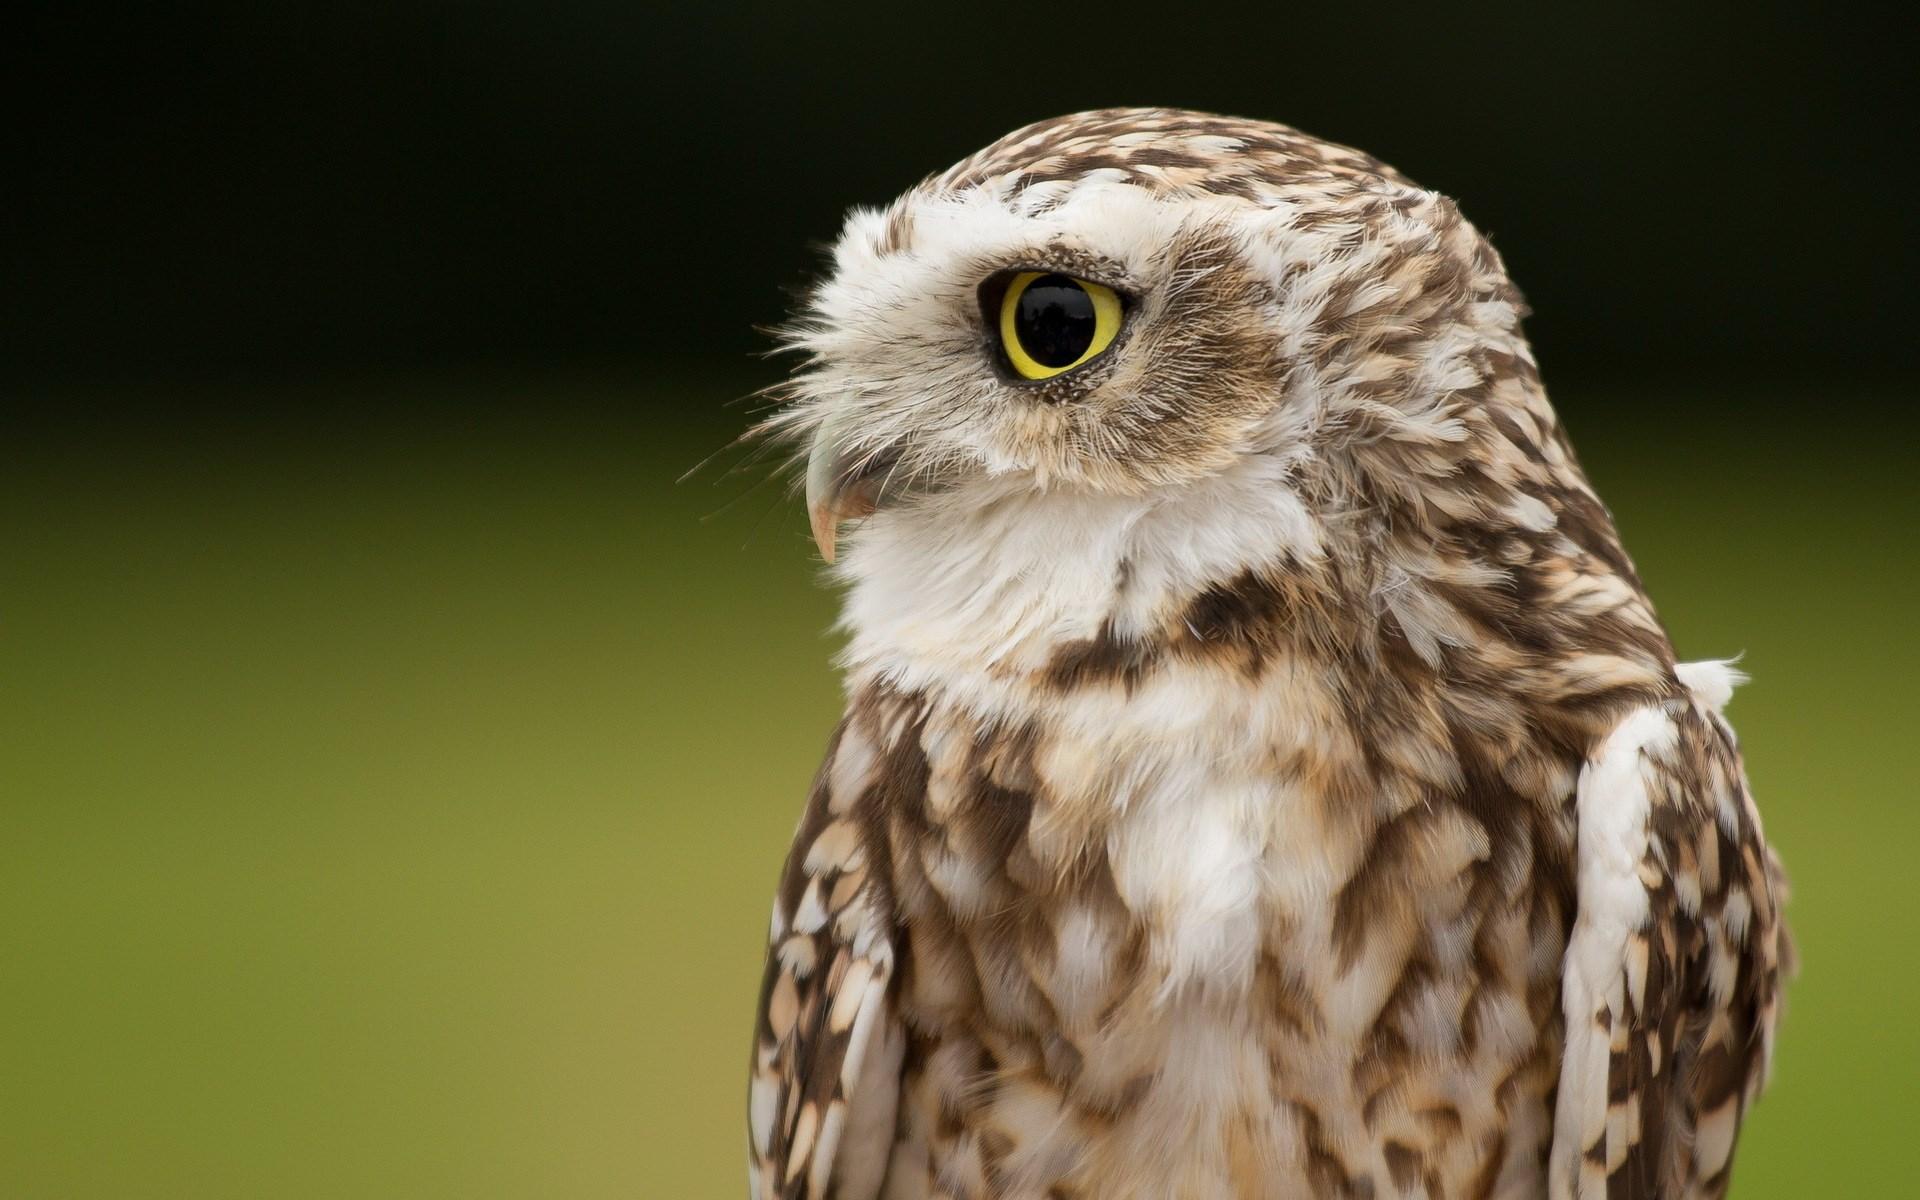 owl wallpaper A3